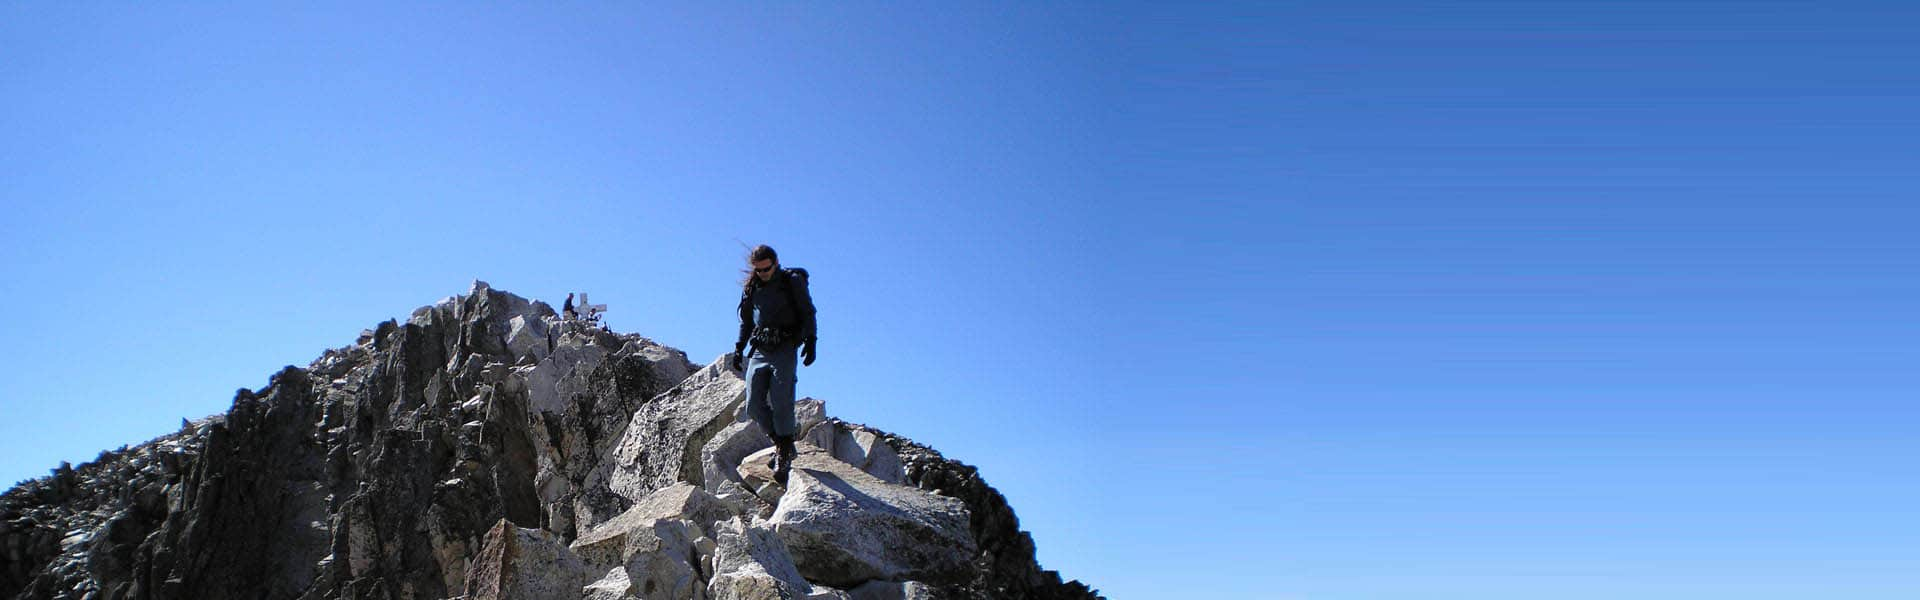 Ascensiones de Alta Montaña